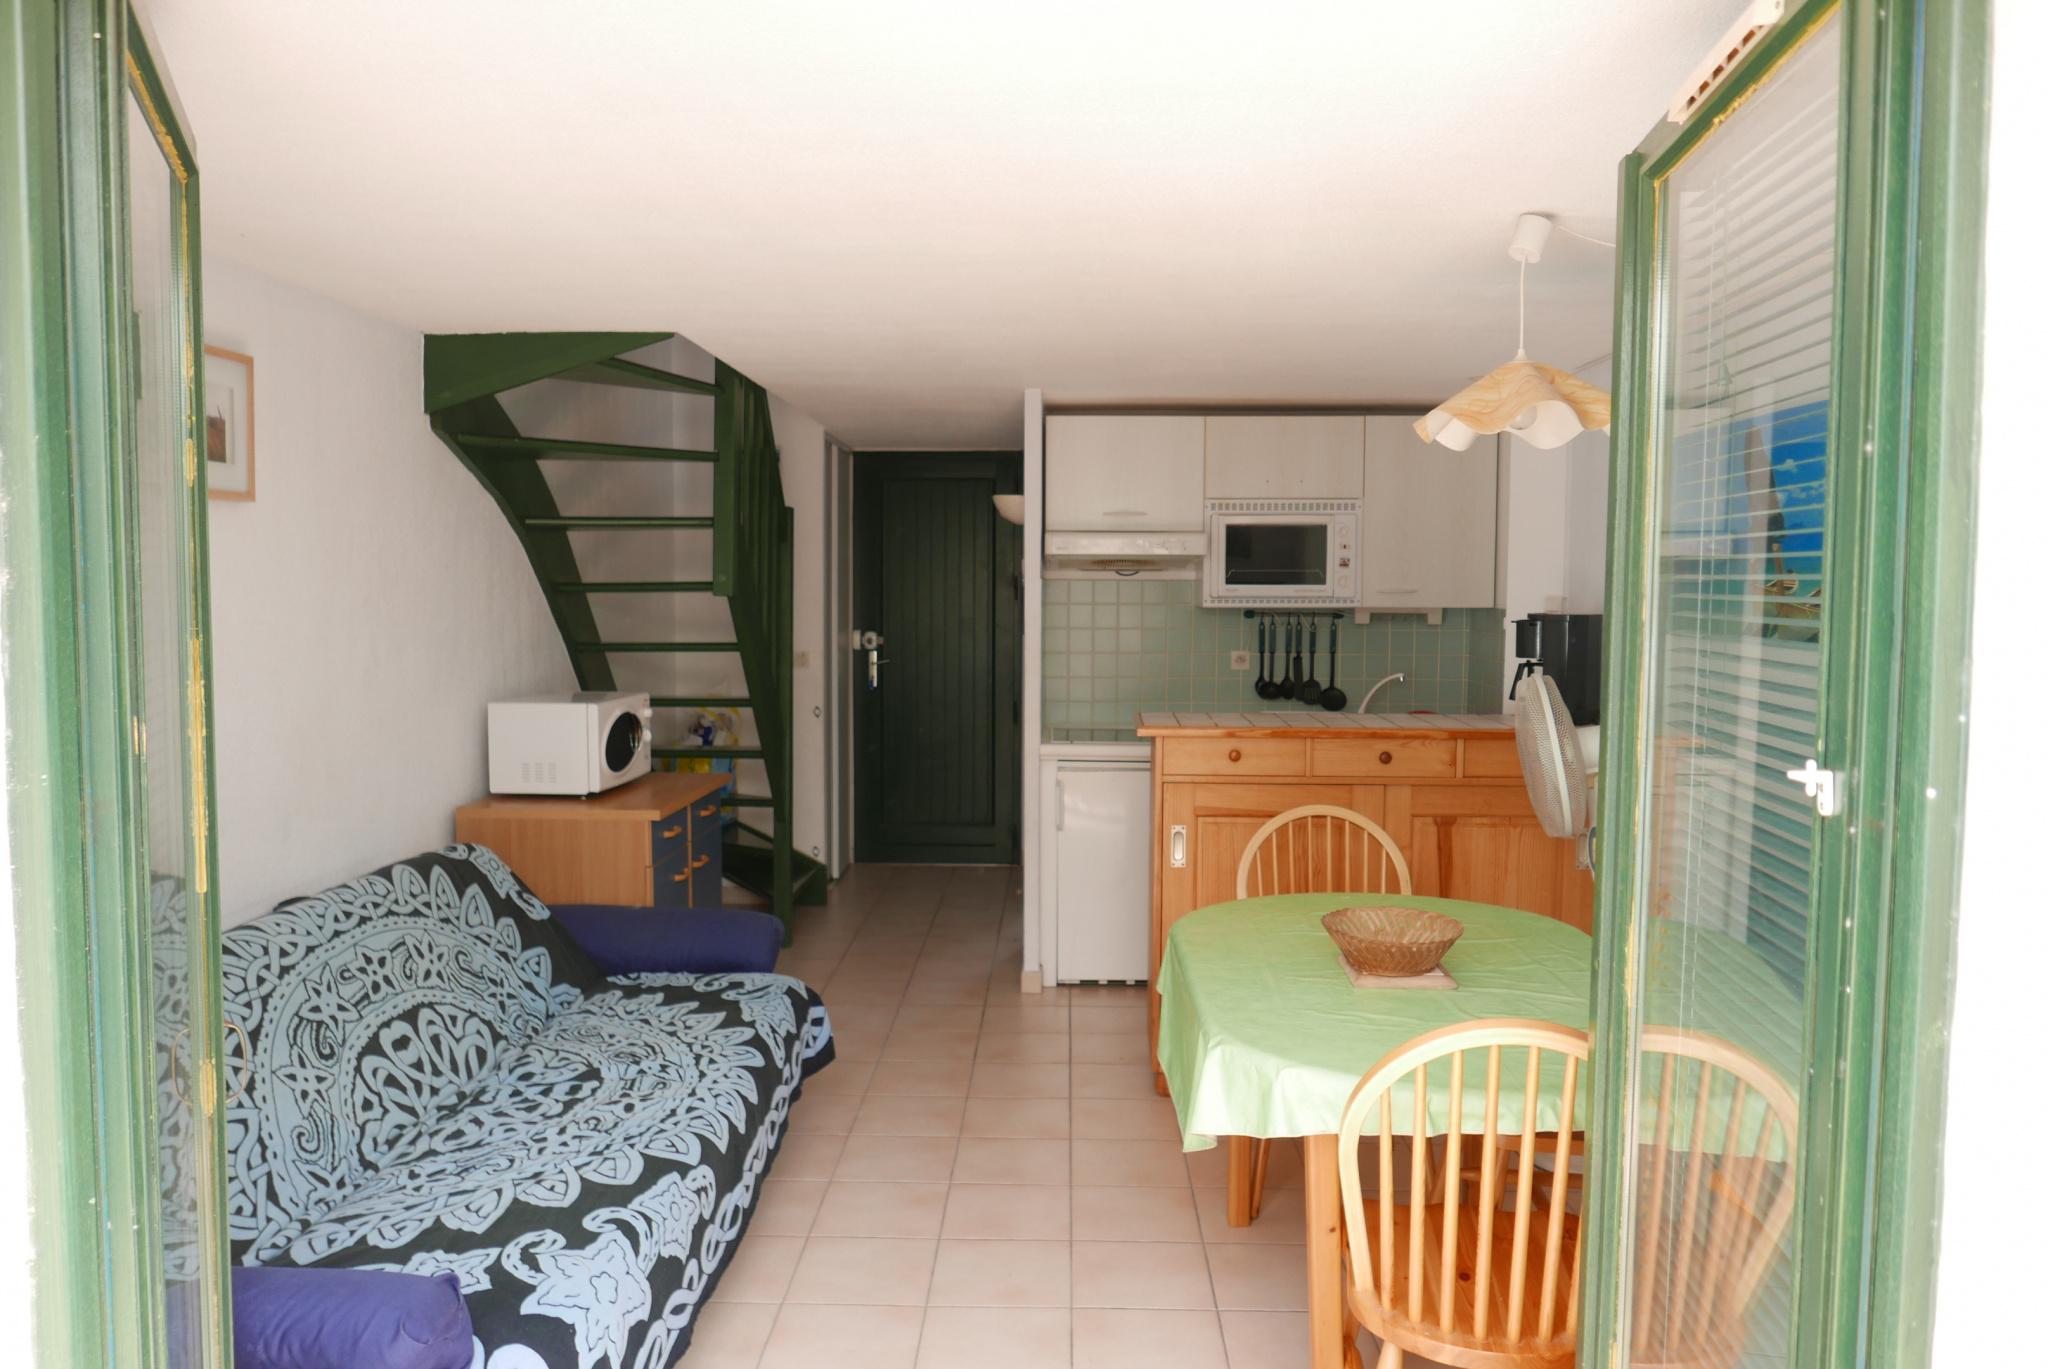 Offres locations vacances maison dans residence avec piscine - Residence vacances var avec piscine ...